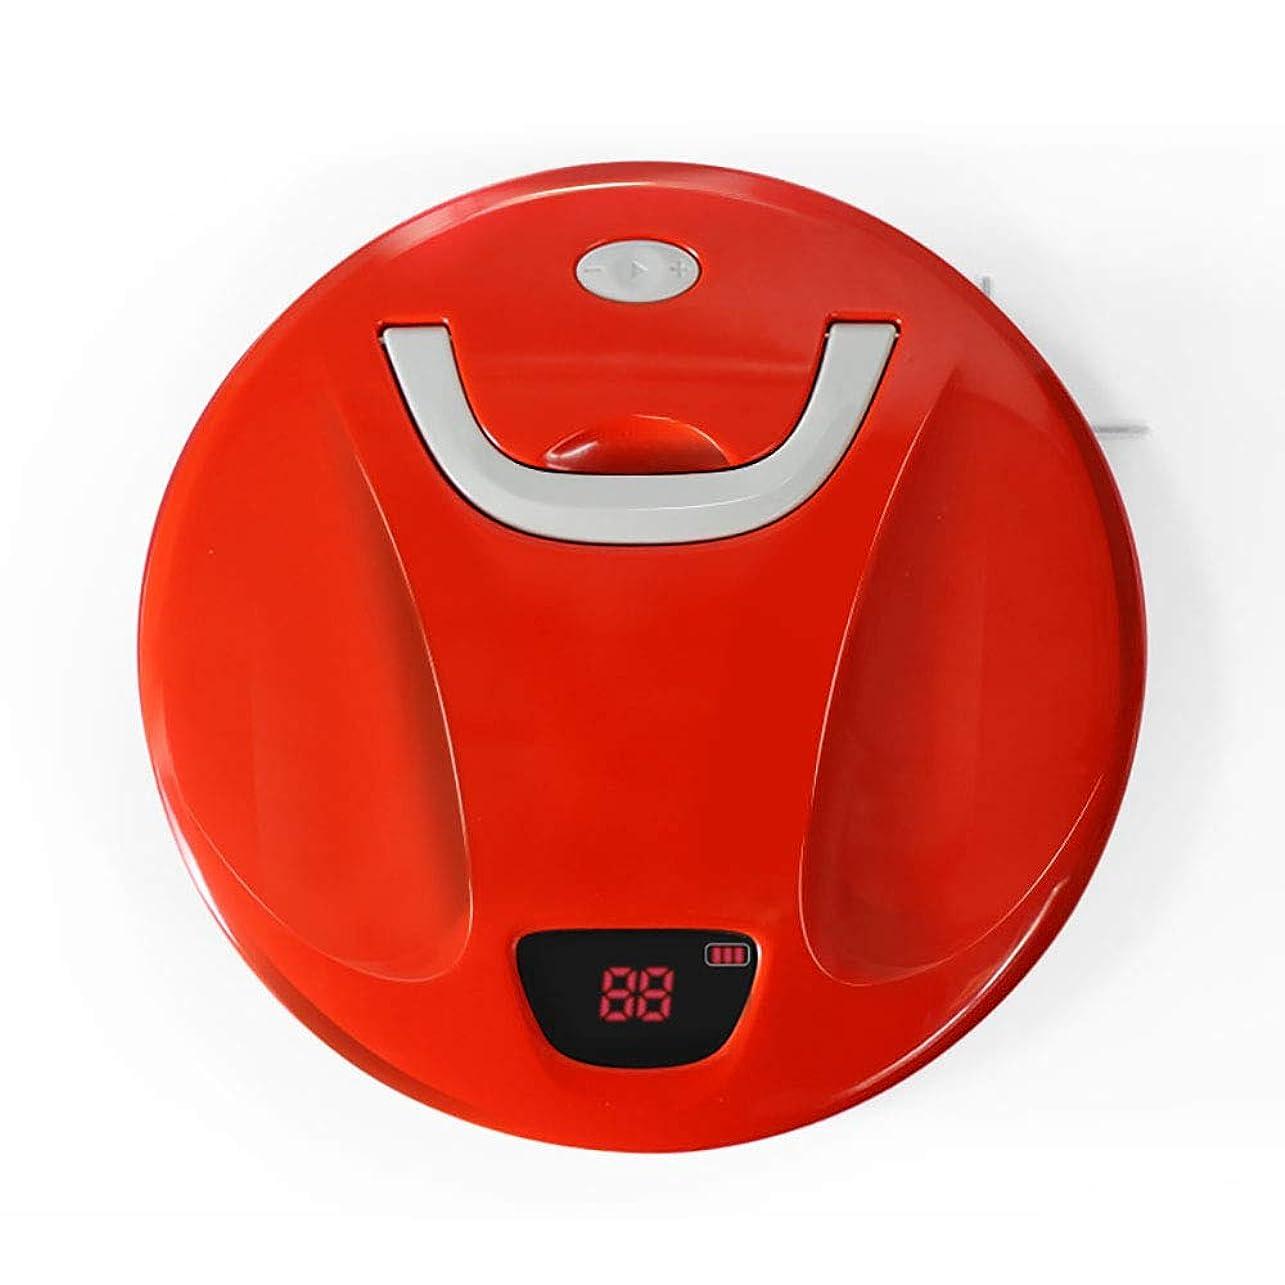 論争翻訳腹インテリジェントロボット掃除機、自動掃除モップクリーニングロボットポータブルハンドルは、硬い床の両側ブラシABS材料を延長